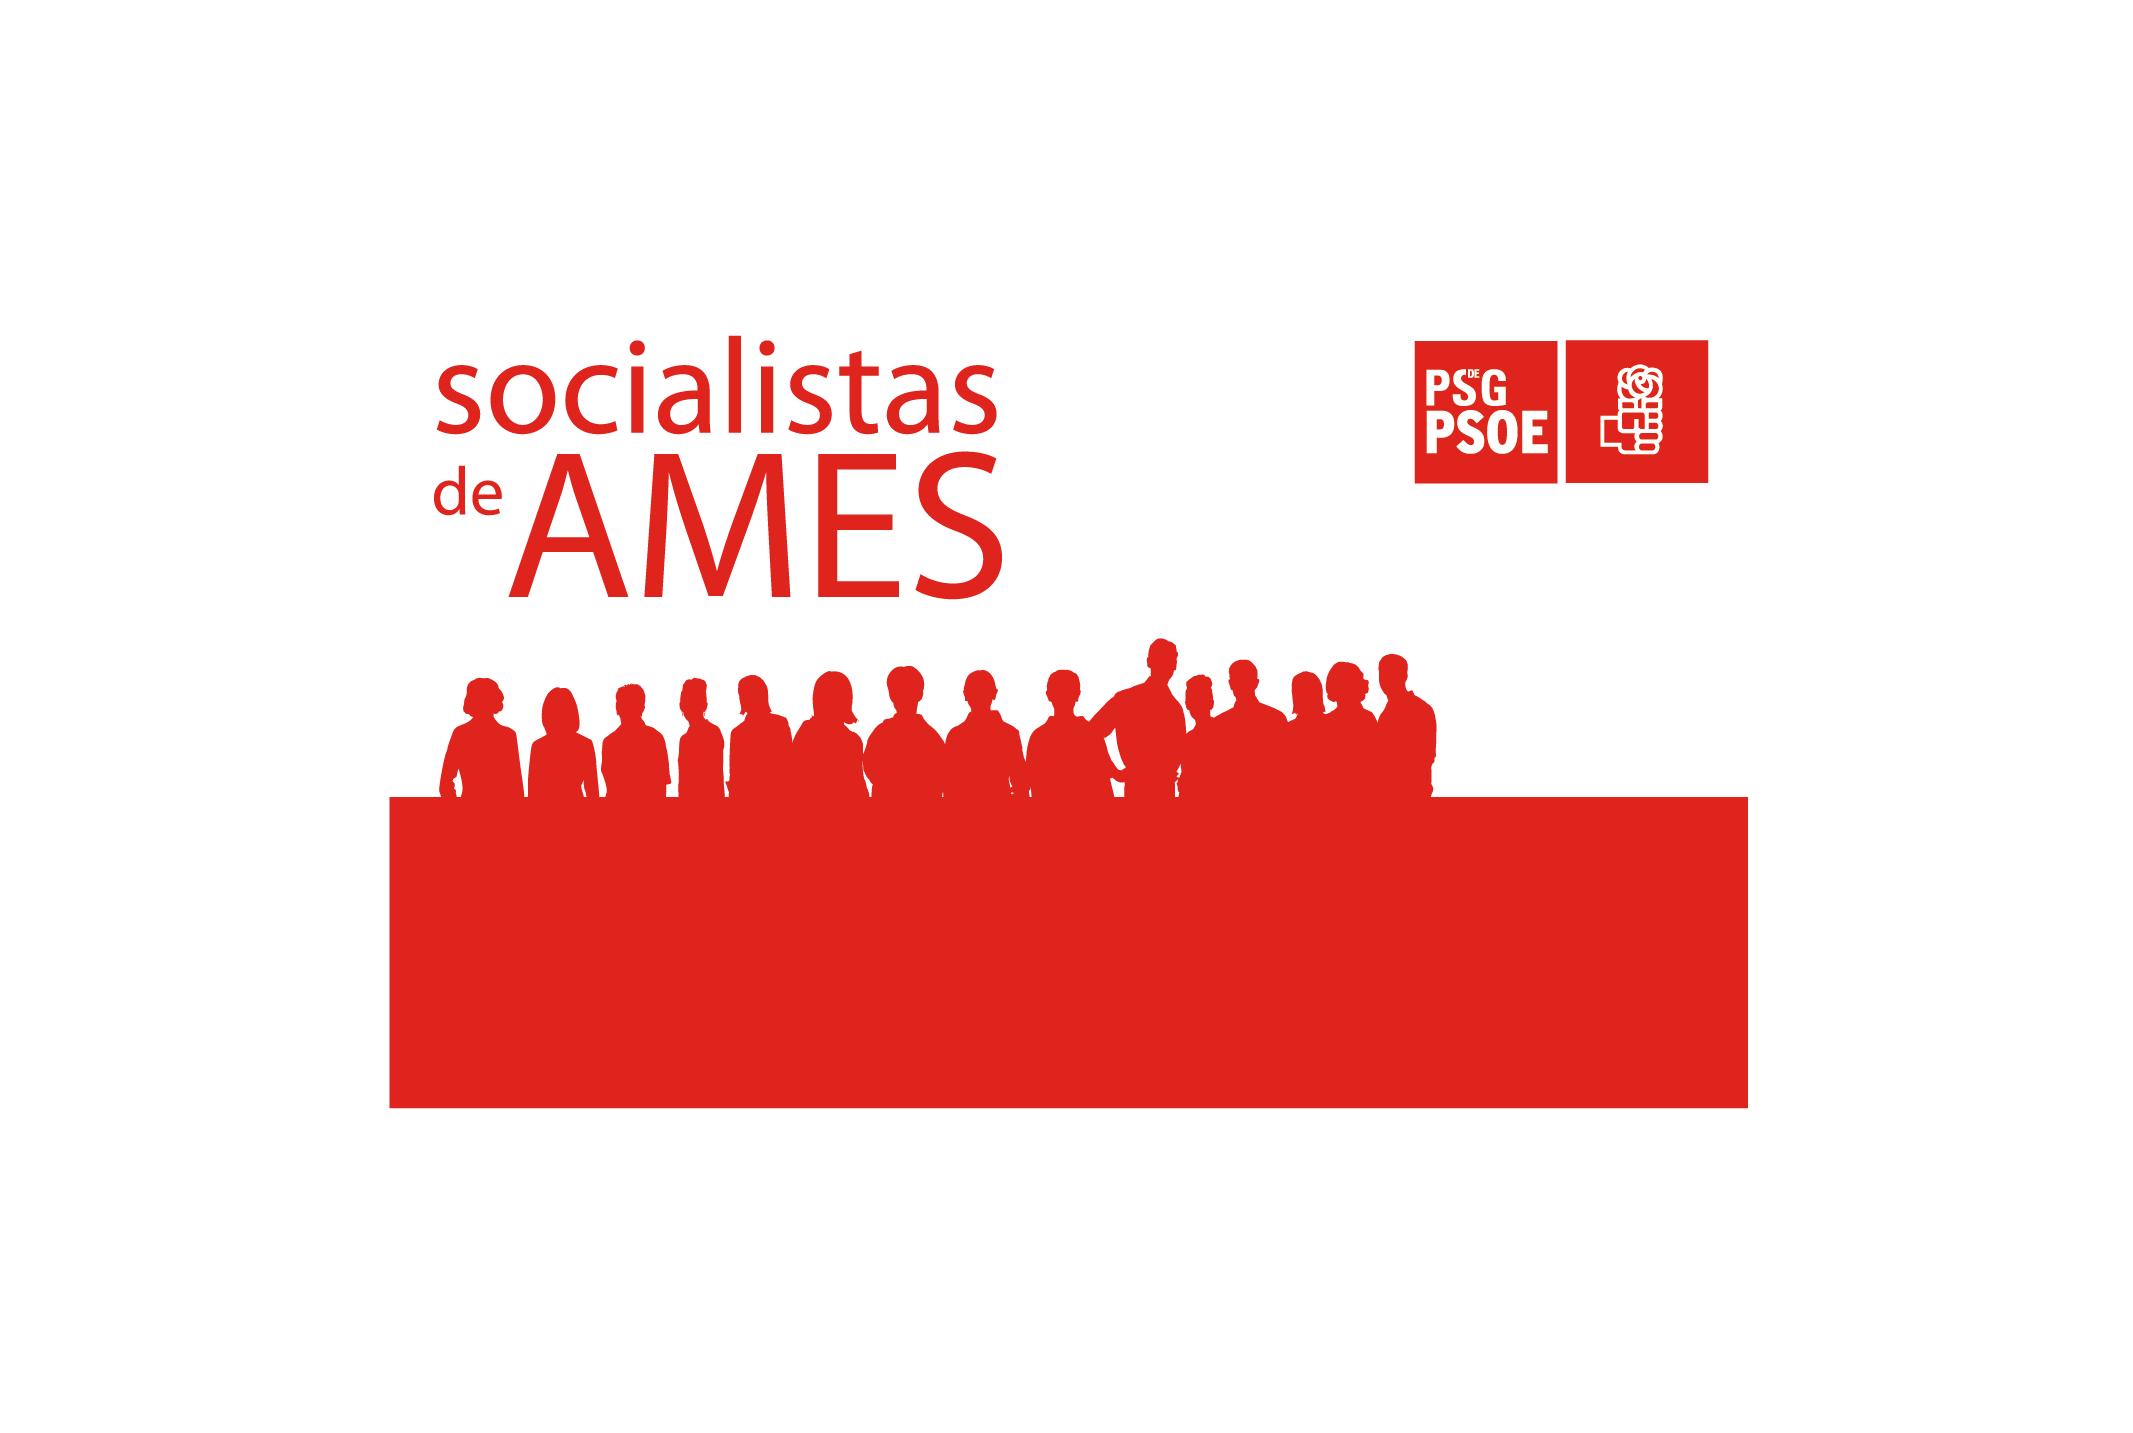 Socialistas de Ames